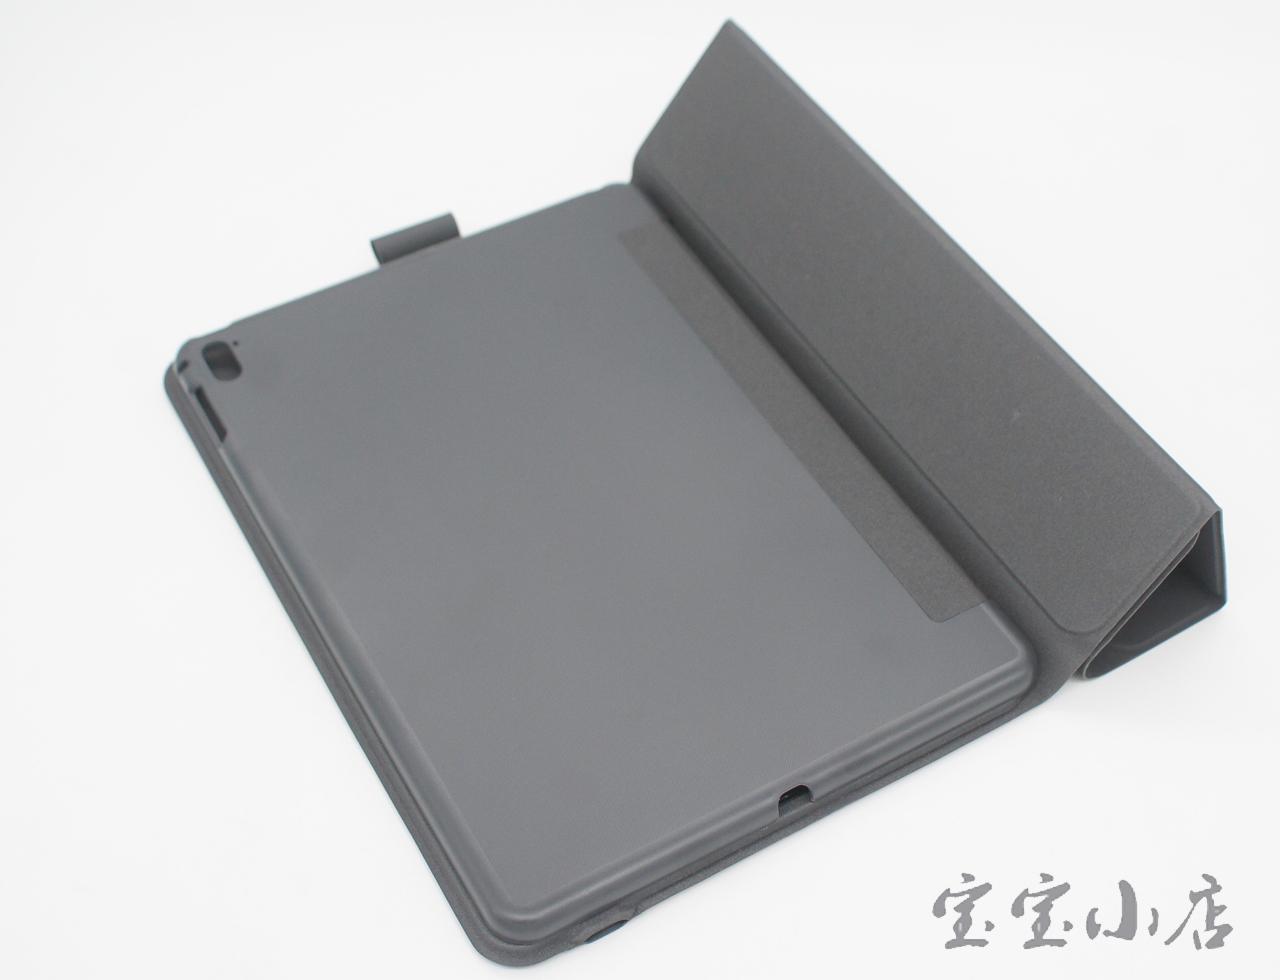 2018新款ipad air2蓝牙键盘保护套苹果pro平板电脑外壳子9.7英寸airl带外接无线